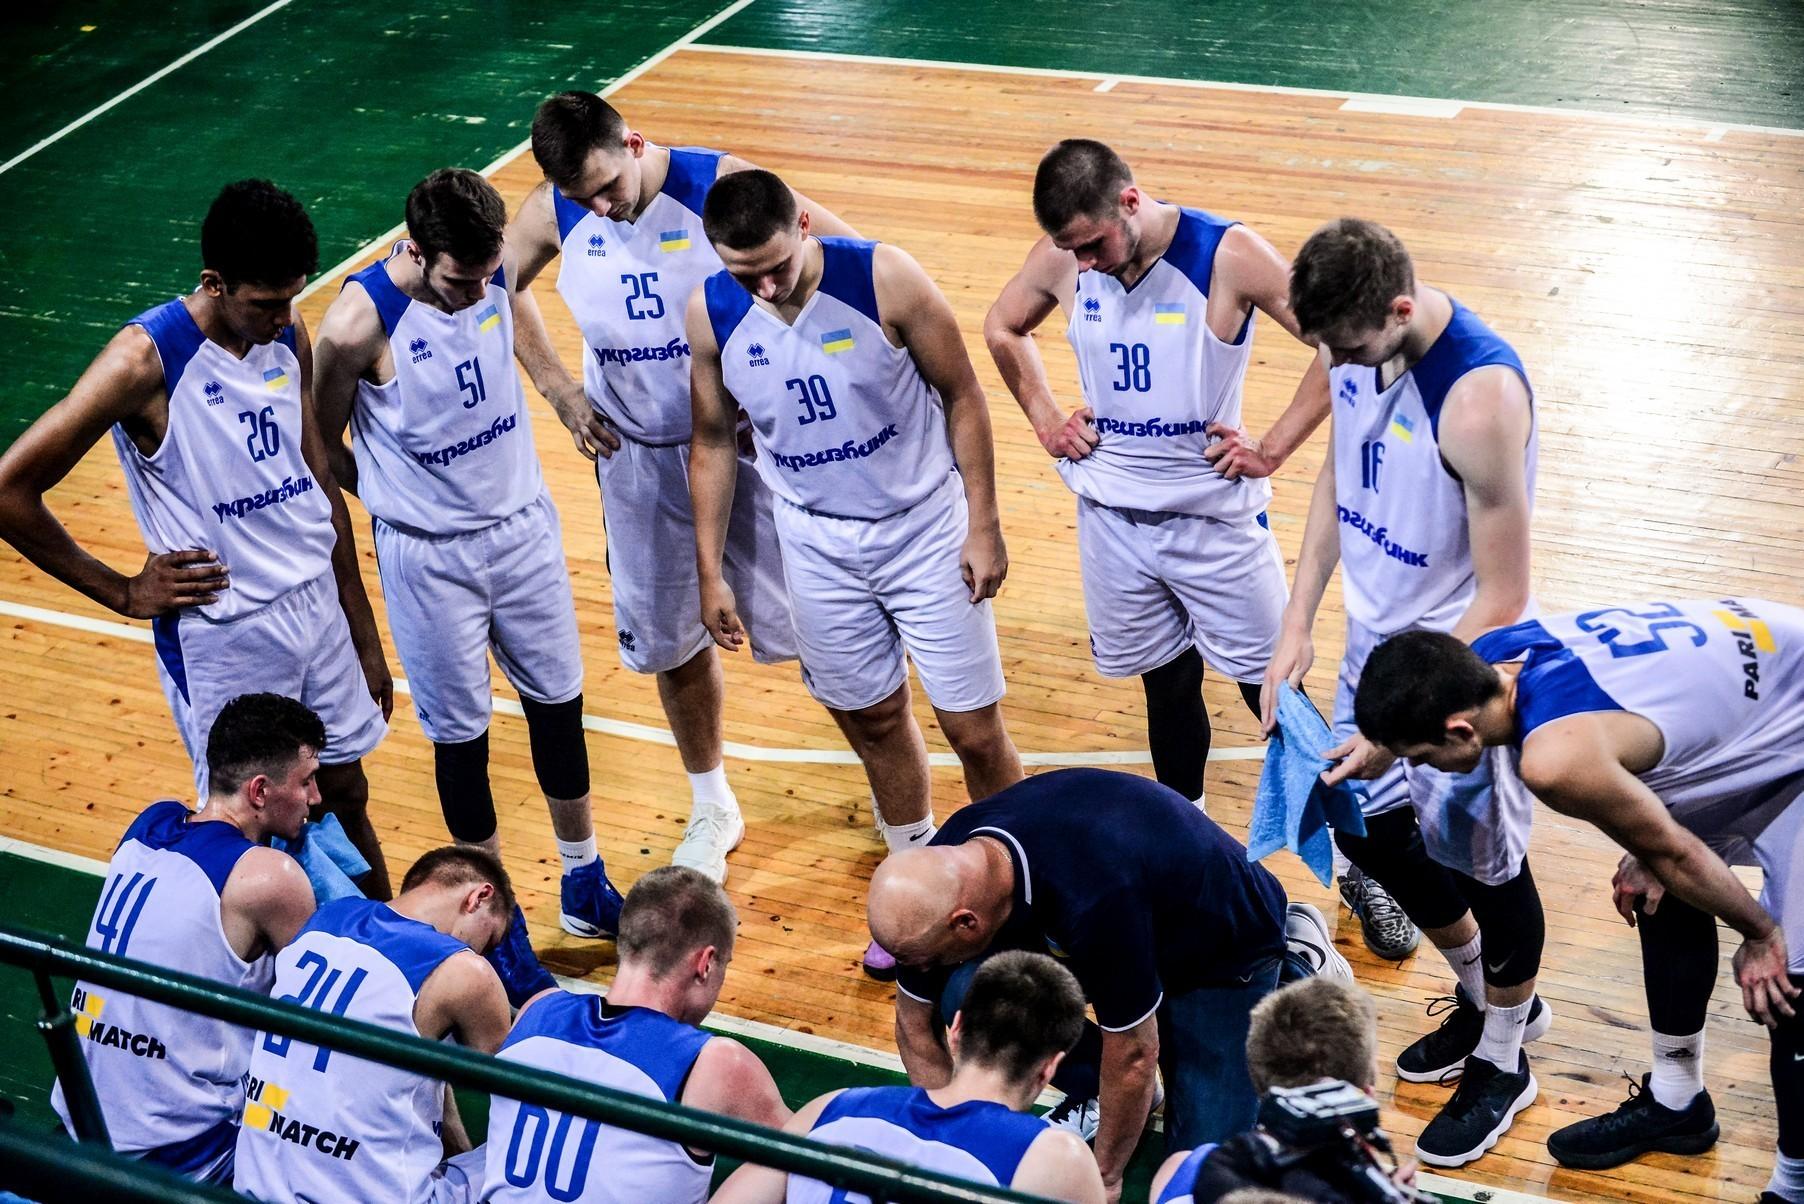 Визначено склад чоловічої збірної України U-20 на спаринги в Іспанії